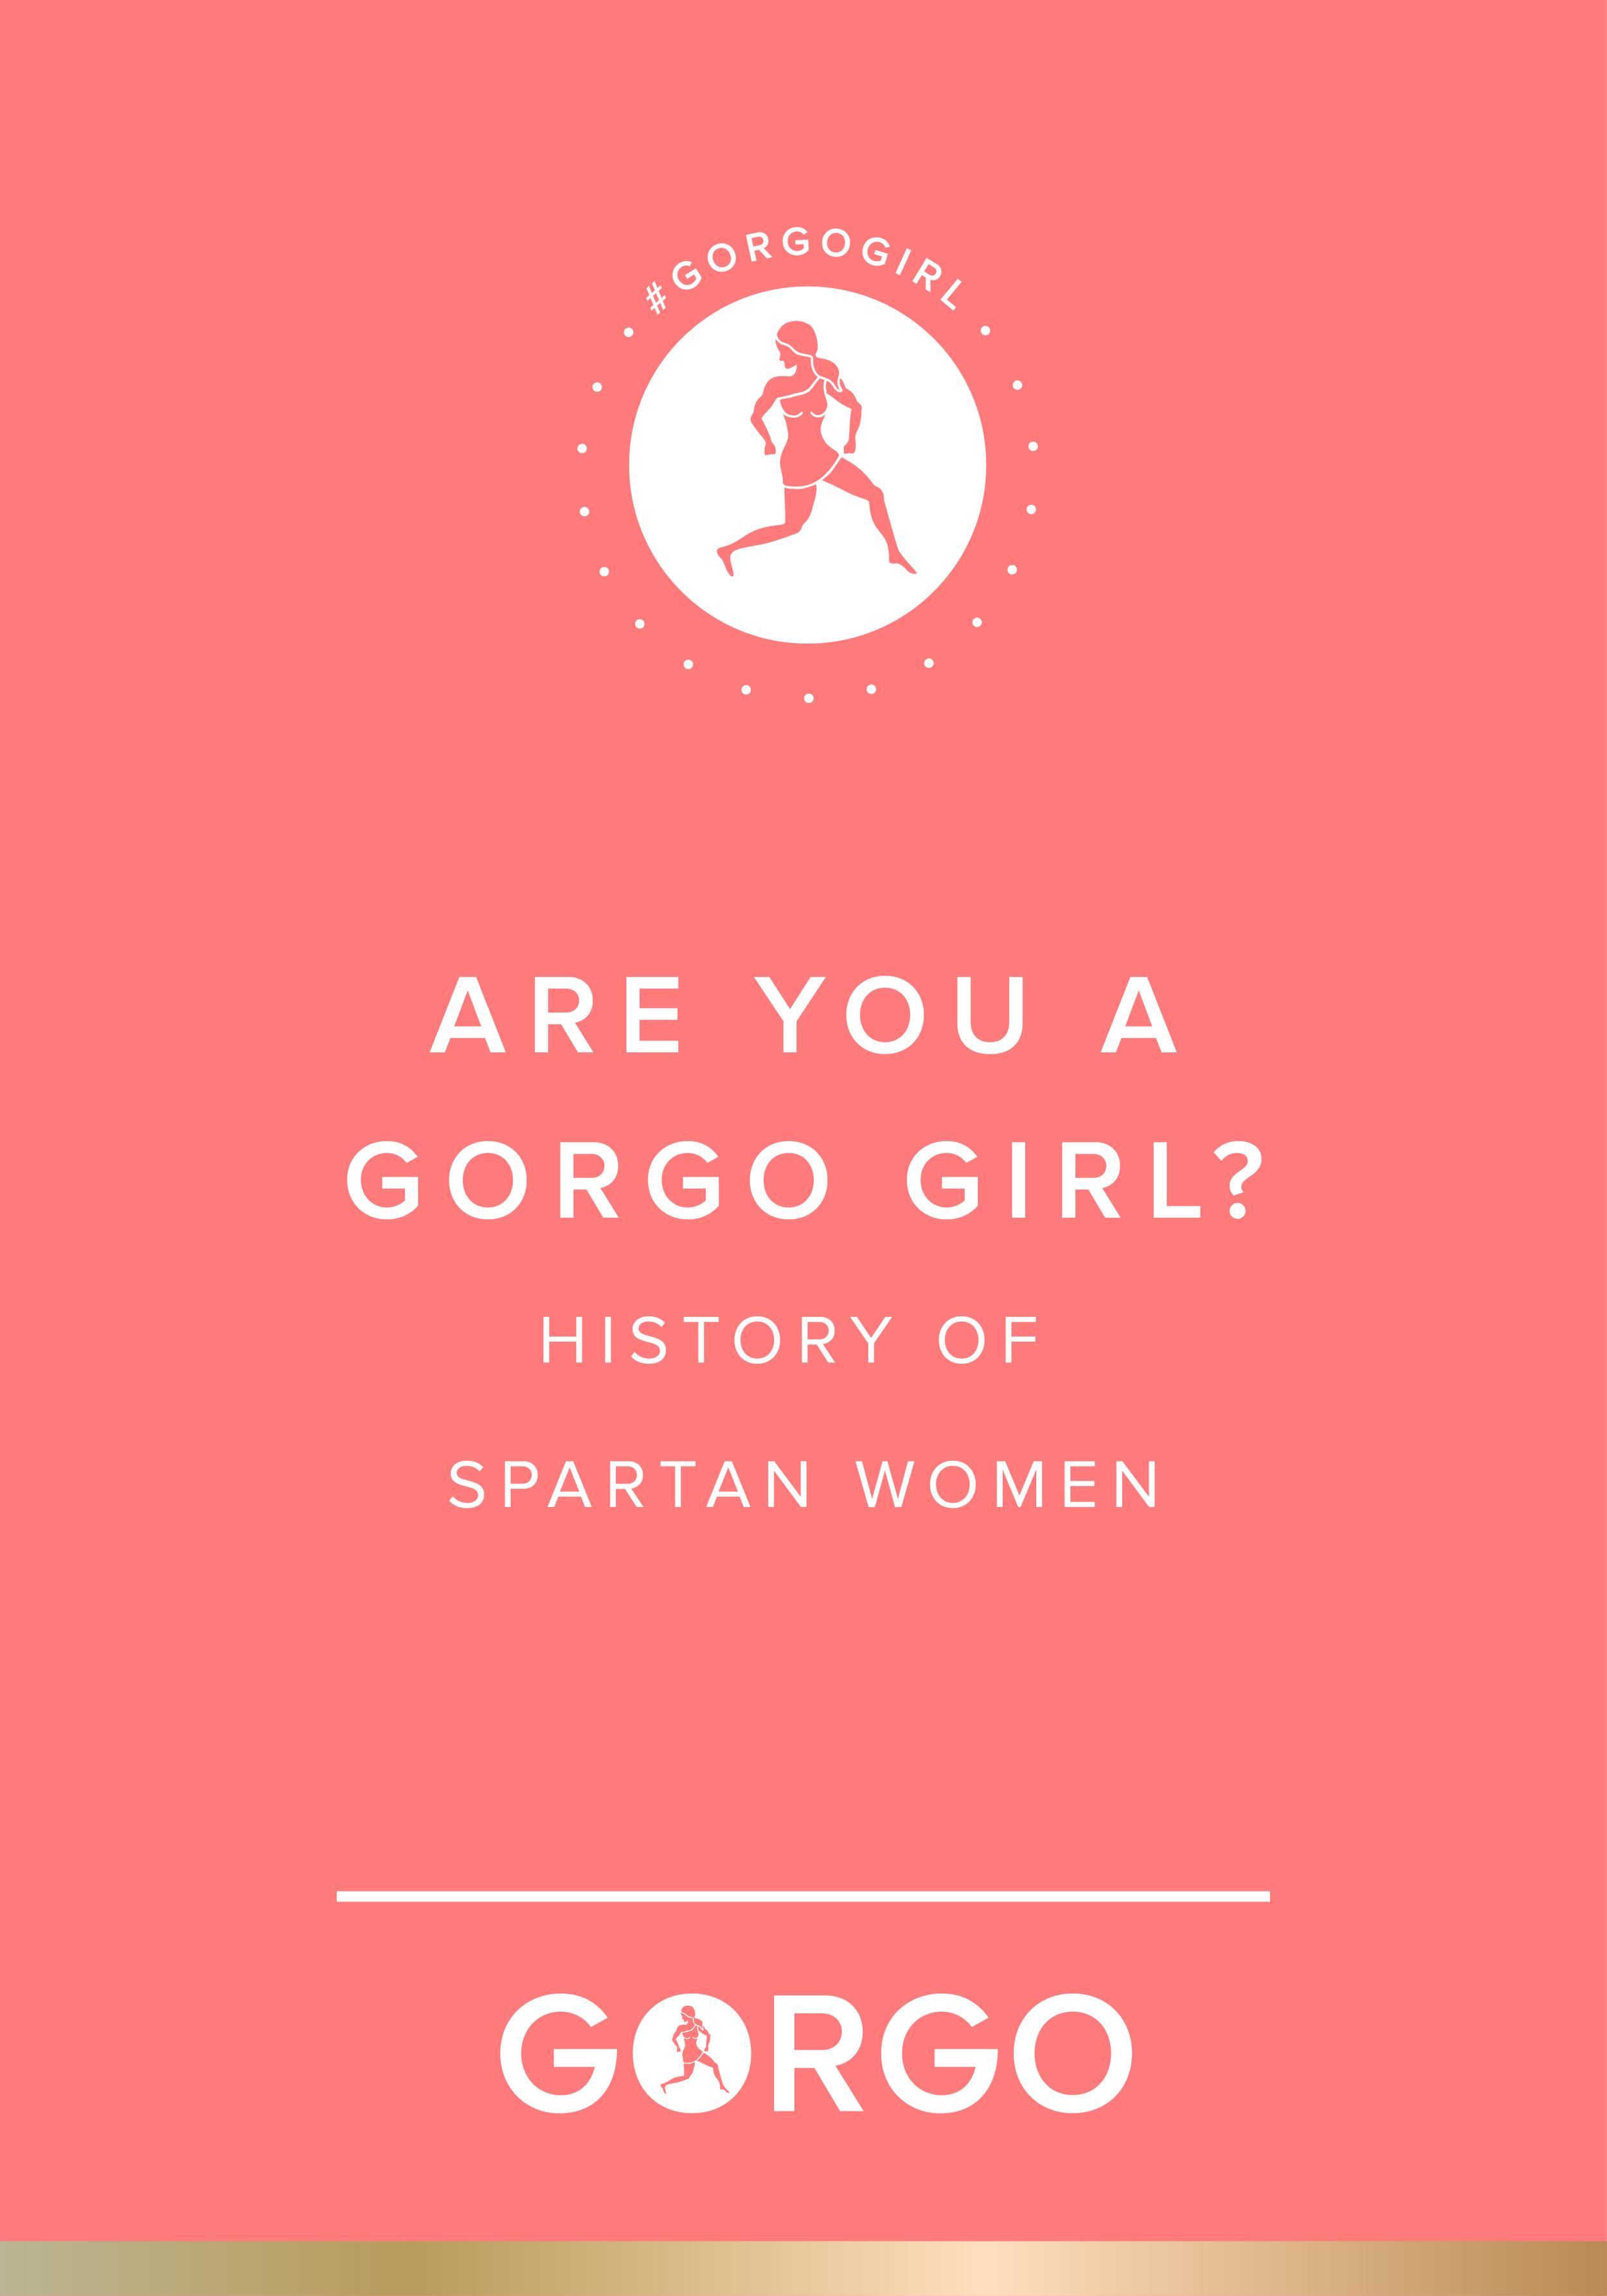 Are you a GORGO Girl? History of Spartan Women #gorgogirl